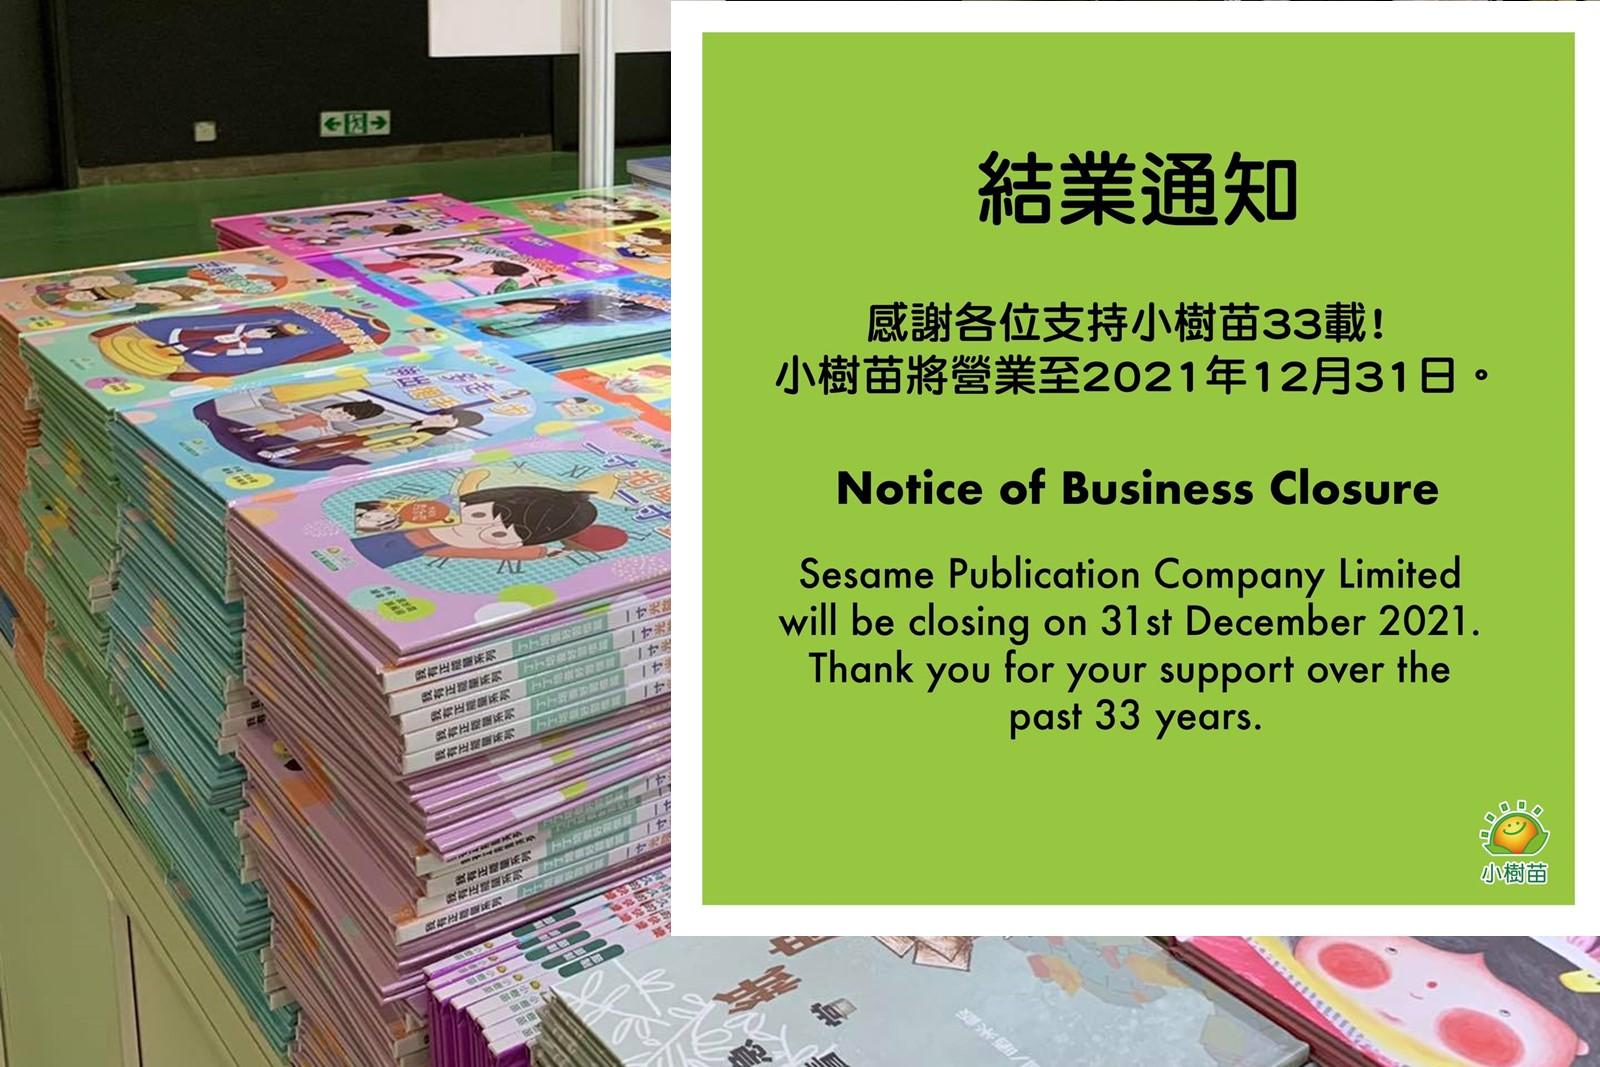 小樹苗教育出版社宣布將於今年12月31日結業。(小樹苗出版社)